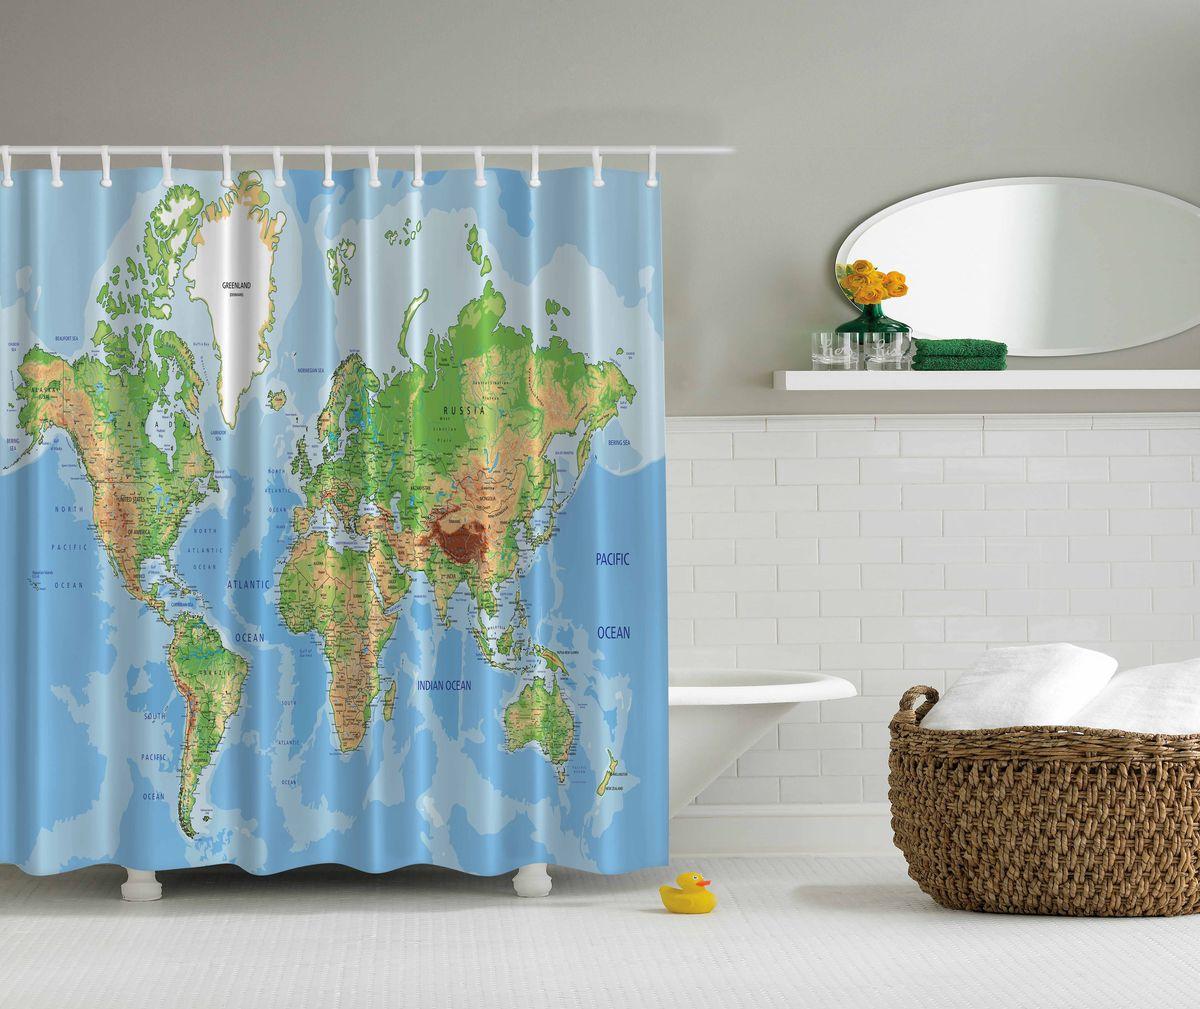 Штора для ванной комнаты Magic Lady Карта мира, 180 х 200 см. шв_4494шв_4494Штора Magic Lady Карта мира, изготовленная из высококачественного сатена (полиэстер 100%), отлично дополнит любой интерьер ванной комнаты. При изготовлении используются специальные гипоаллергенные чернила для прямой печати по ткани, безопасные для человека.В комплекте: 1 штора, 12 крючков. Обращаем ваше внимание, фактический цвет изделия может незначительно отличаться от представленного на фото.